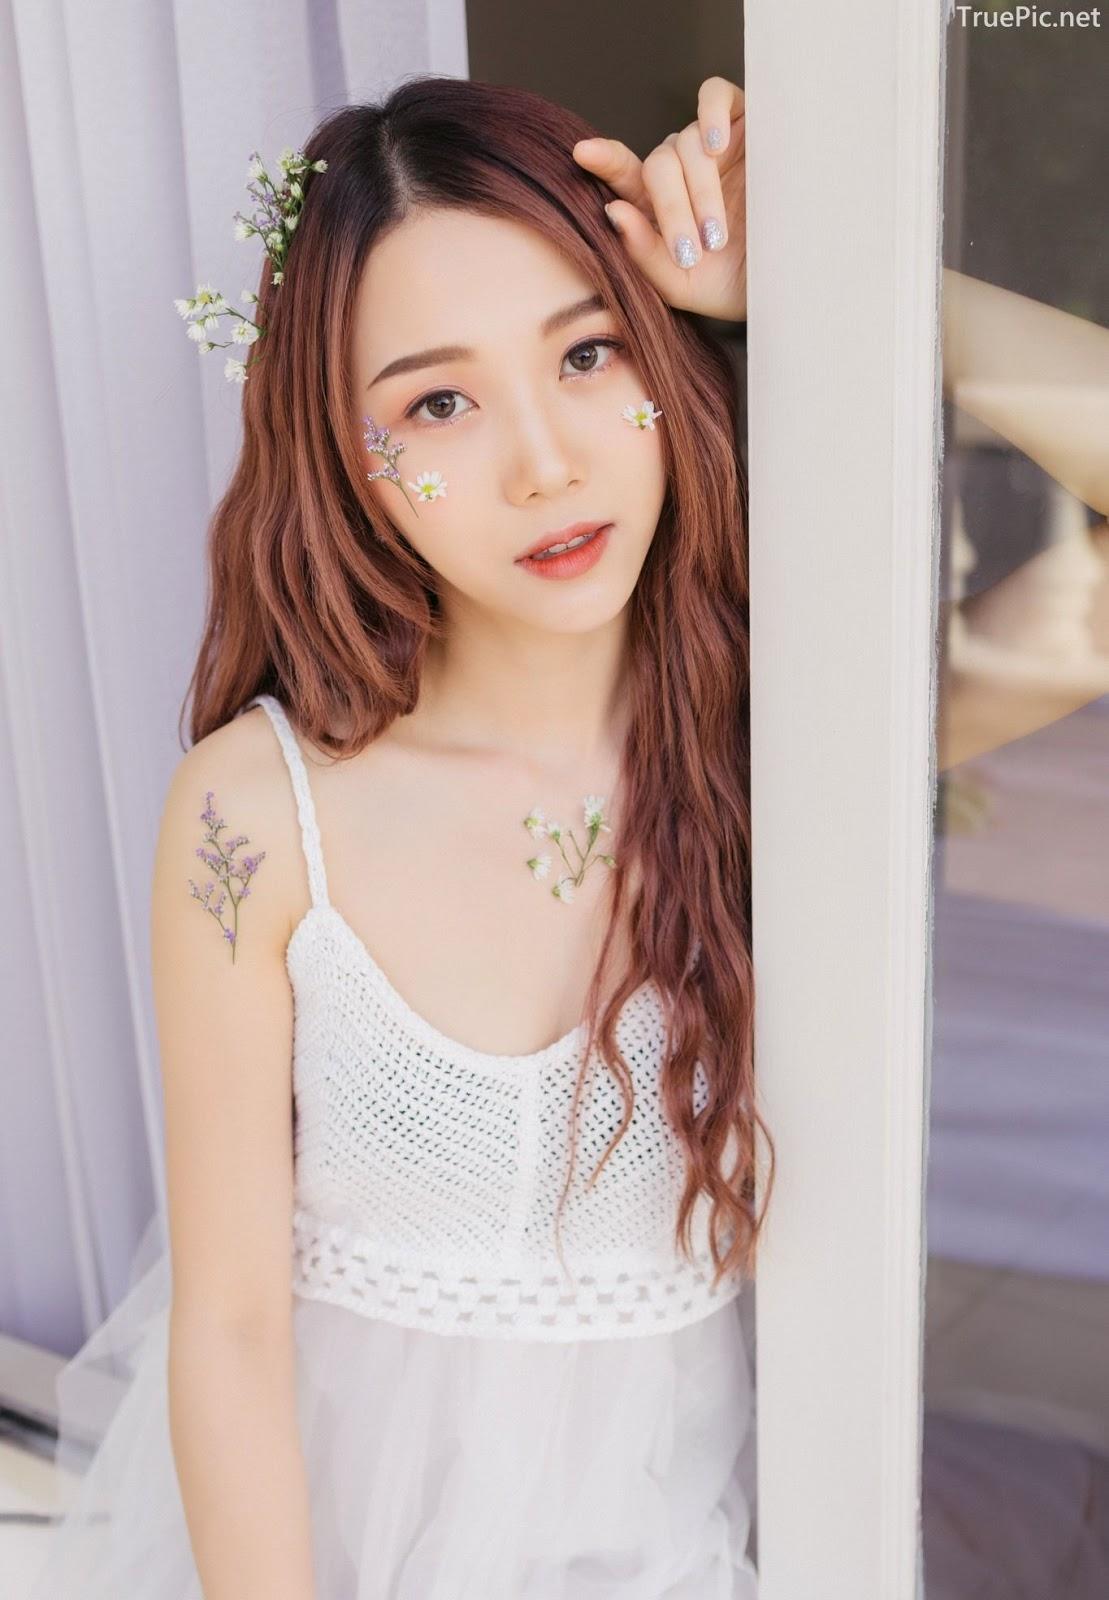 Thailand beautiful model Popor Saechur with photo album Little Princess - Picture 10